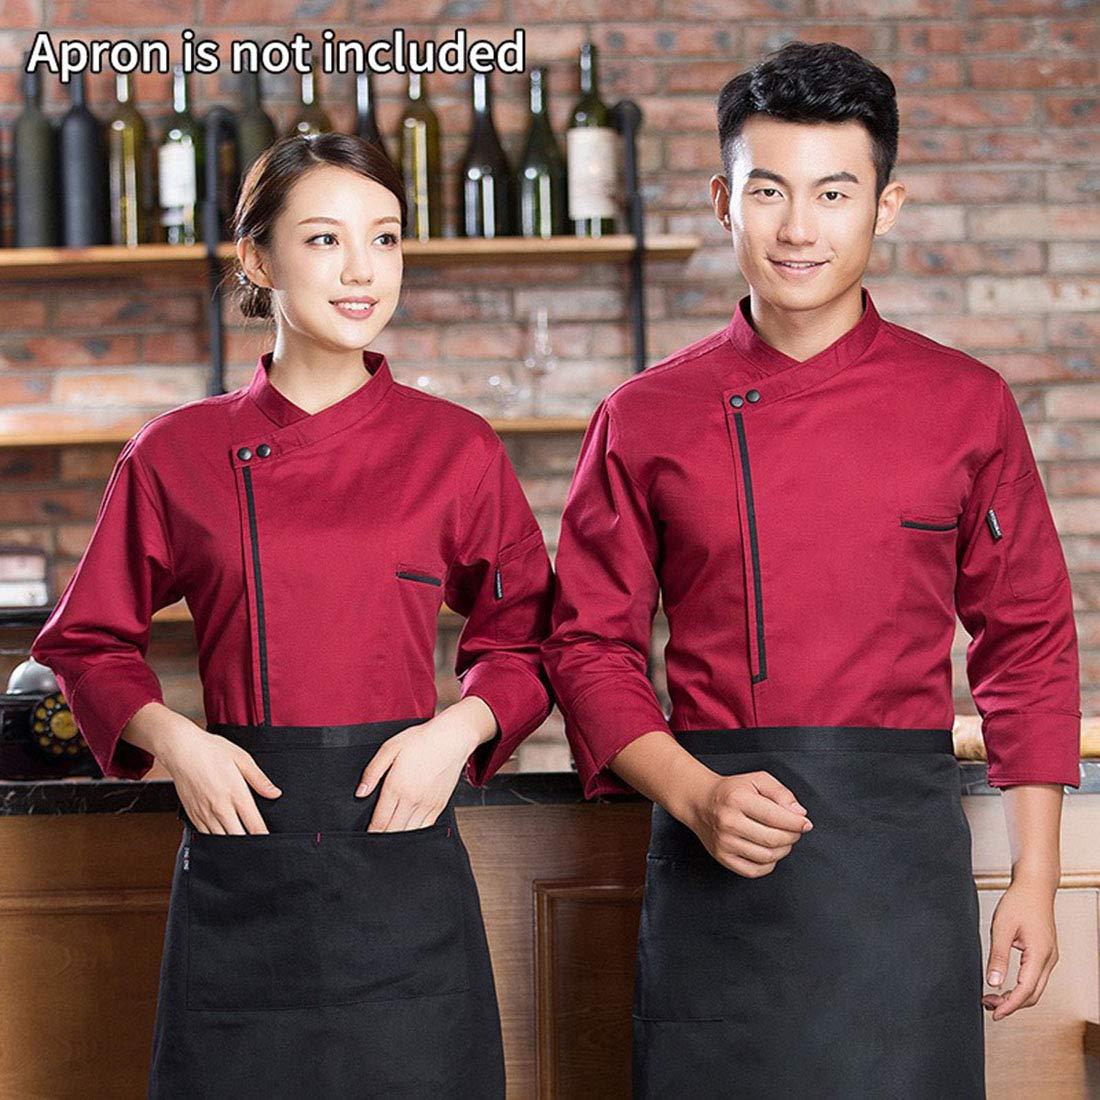 FREAHAP R Veste de Cuisine Manche Longue Unisexe Professionnel Blouse de Chef Manteau de Cuisinier